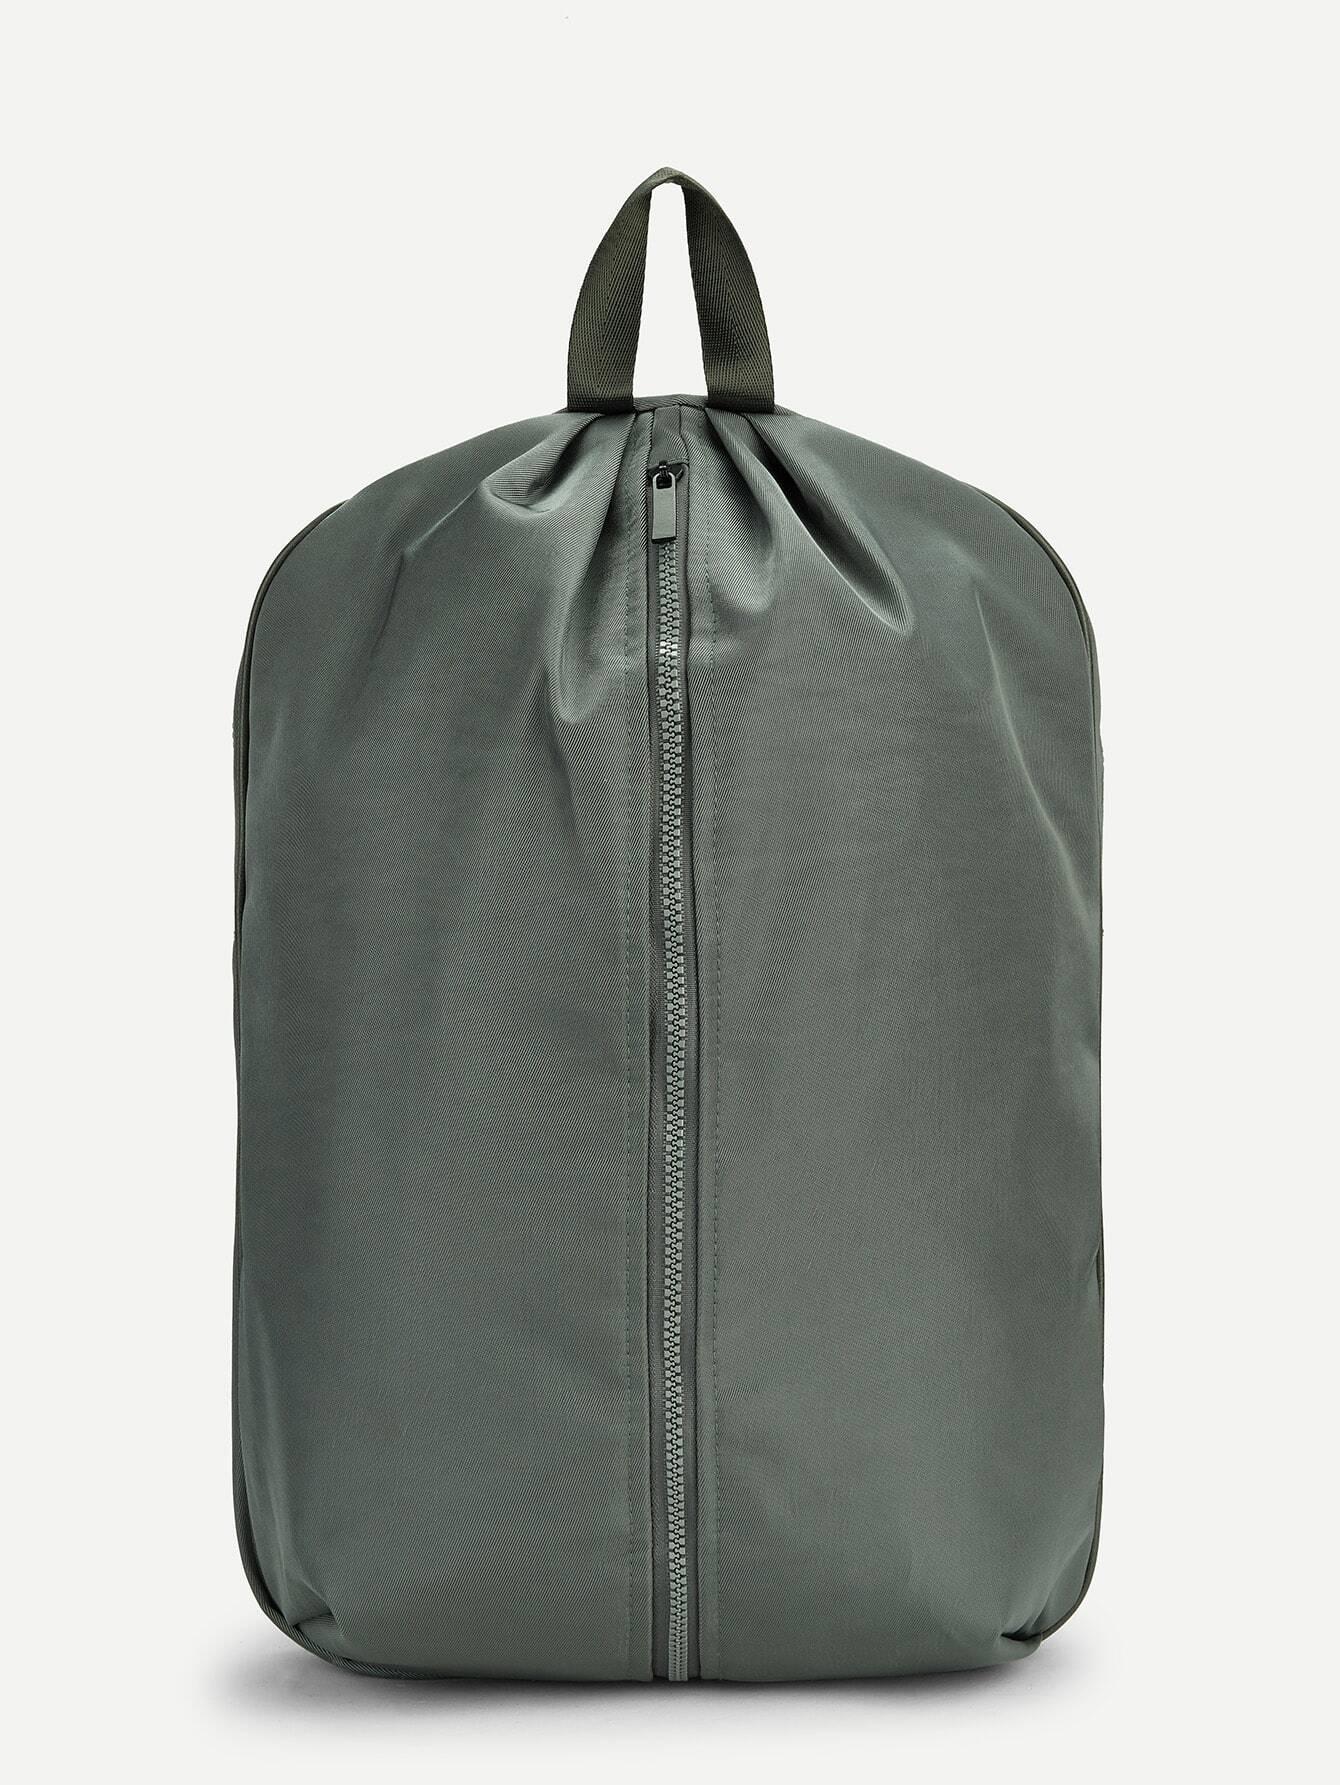 Купить Мужский рюкзак с застёжкой молния, null, SheIn